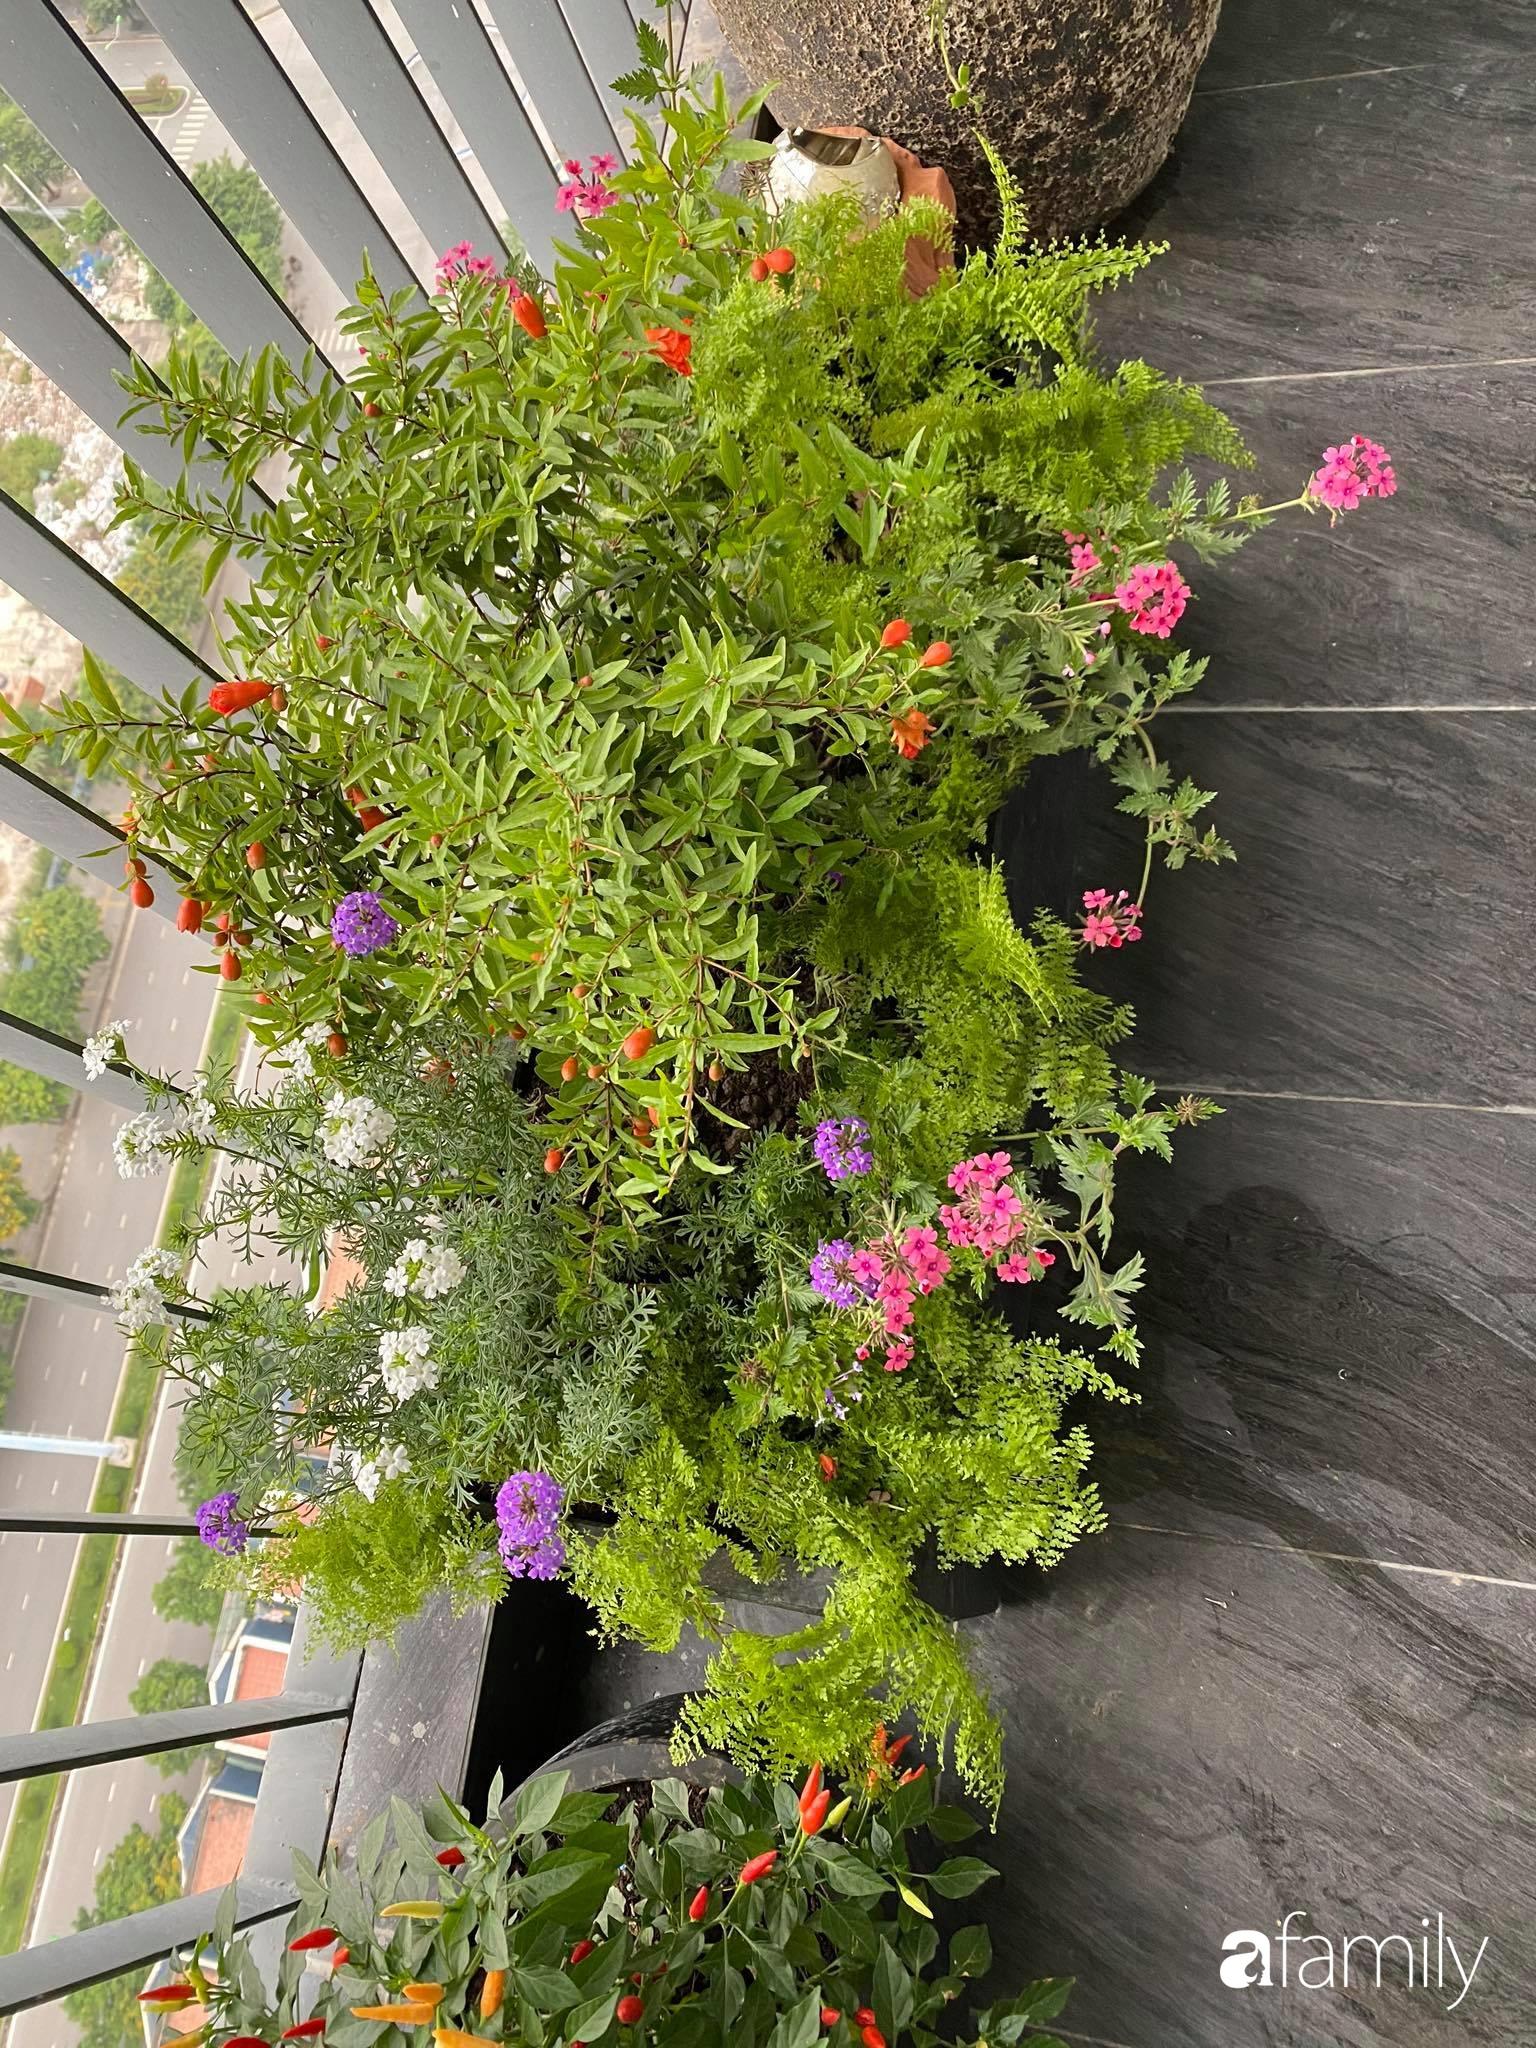 Ban công căn hộ thông tầng đẹp lãng mạn với cây và hoa ở Hà Nội - Ảnh 7.